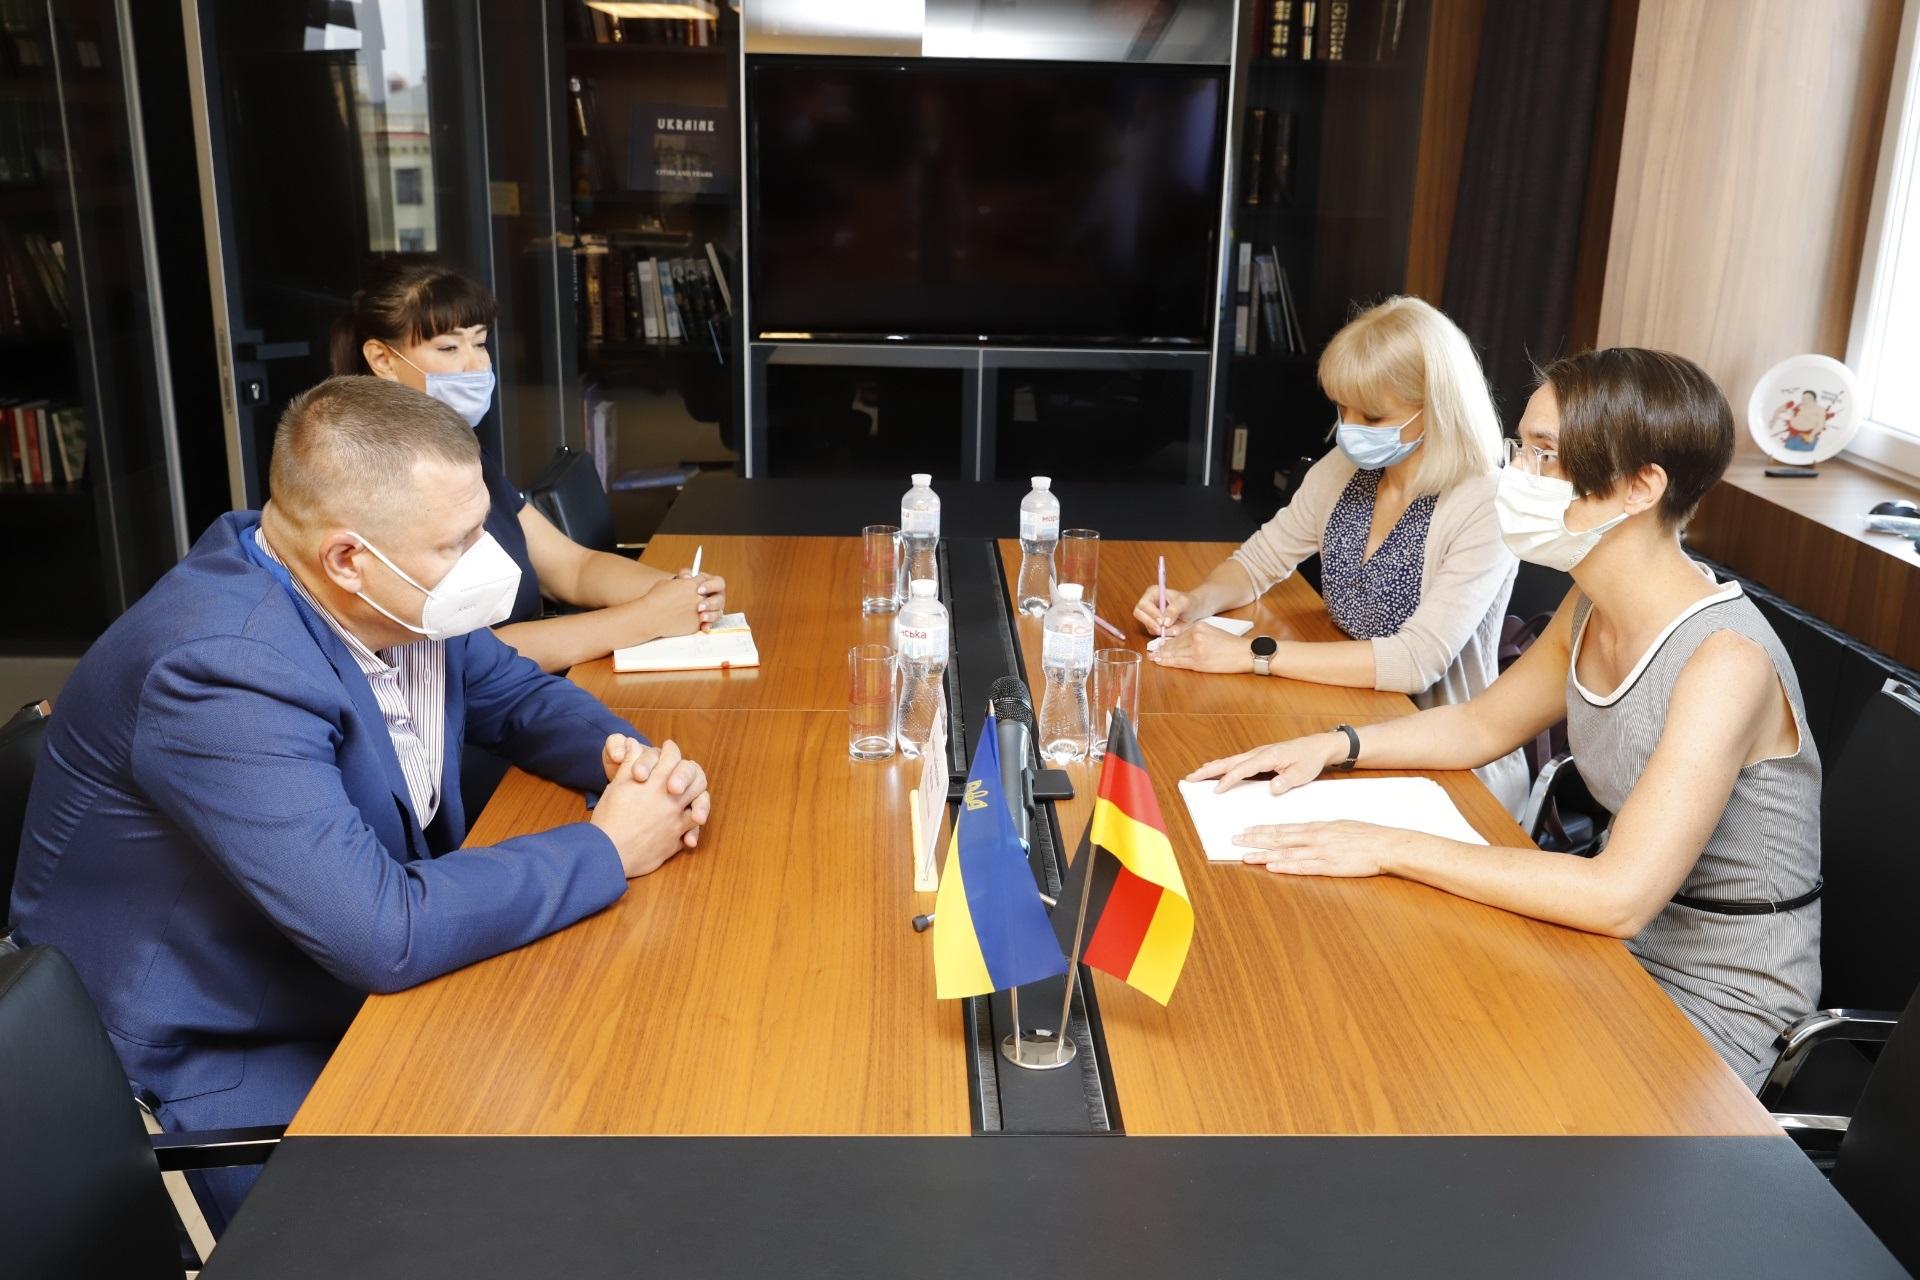 Филатов обсудил с генконсулом Германии дальнейшие перспективы сотрудничества